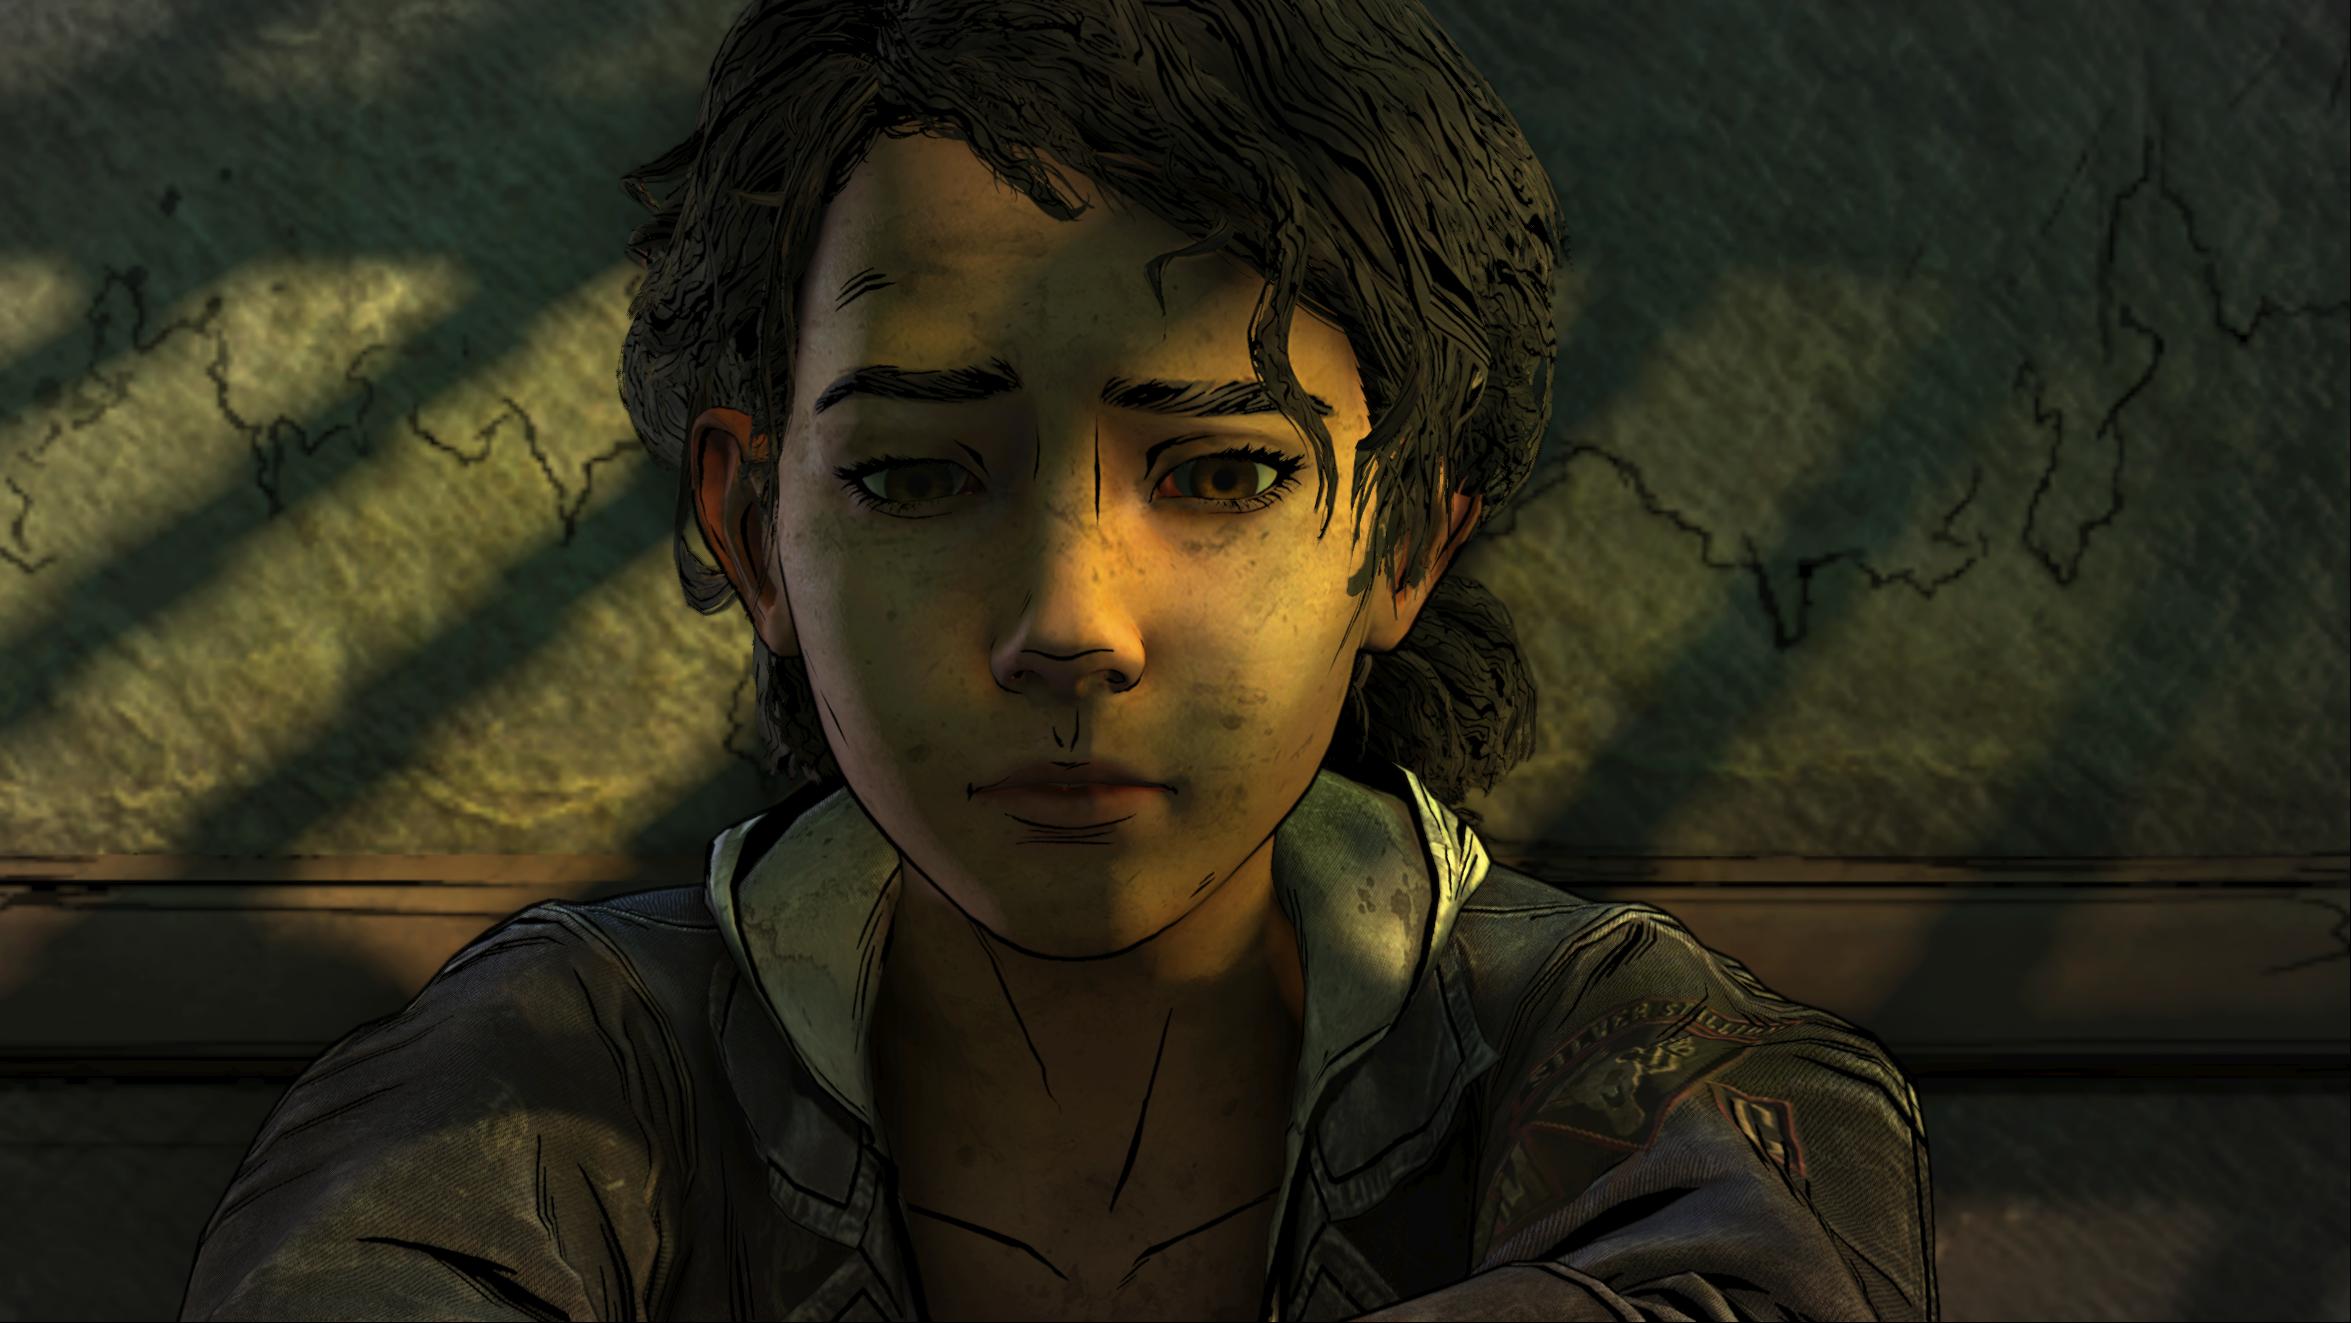 Clementine Wallpaper For Desktop Walking Dead Telltale 2407147